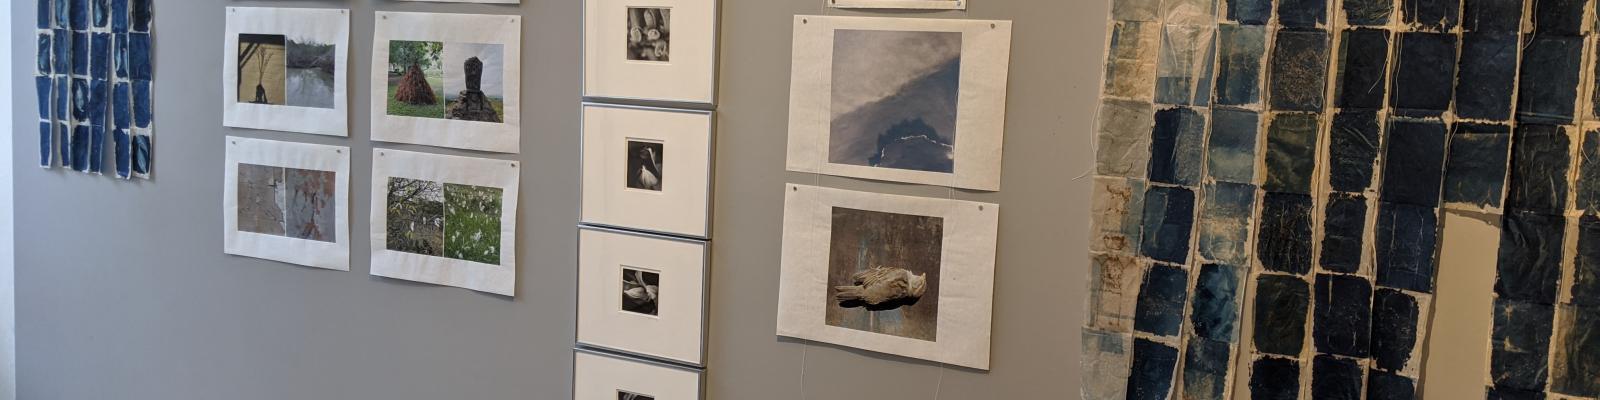 Cynthia Katz Gallery 3 2020